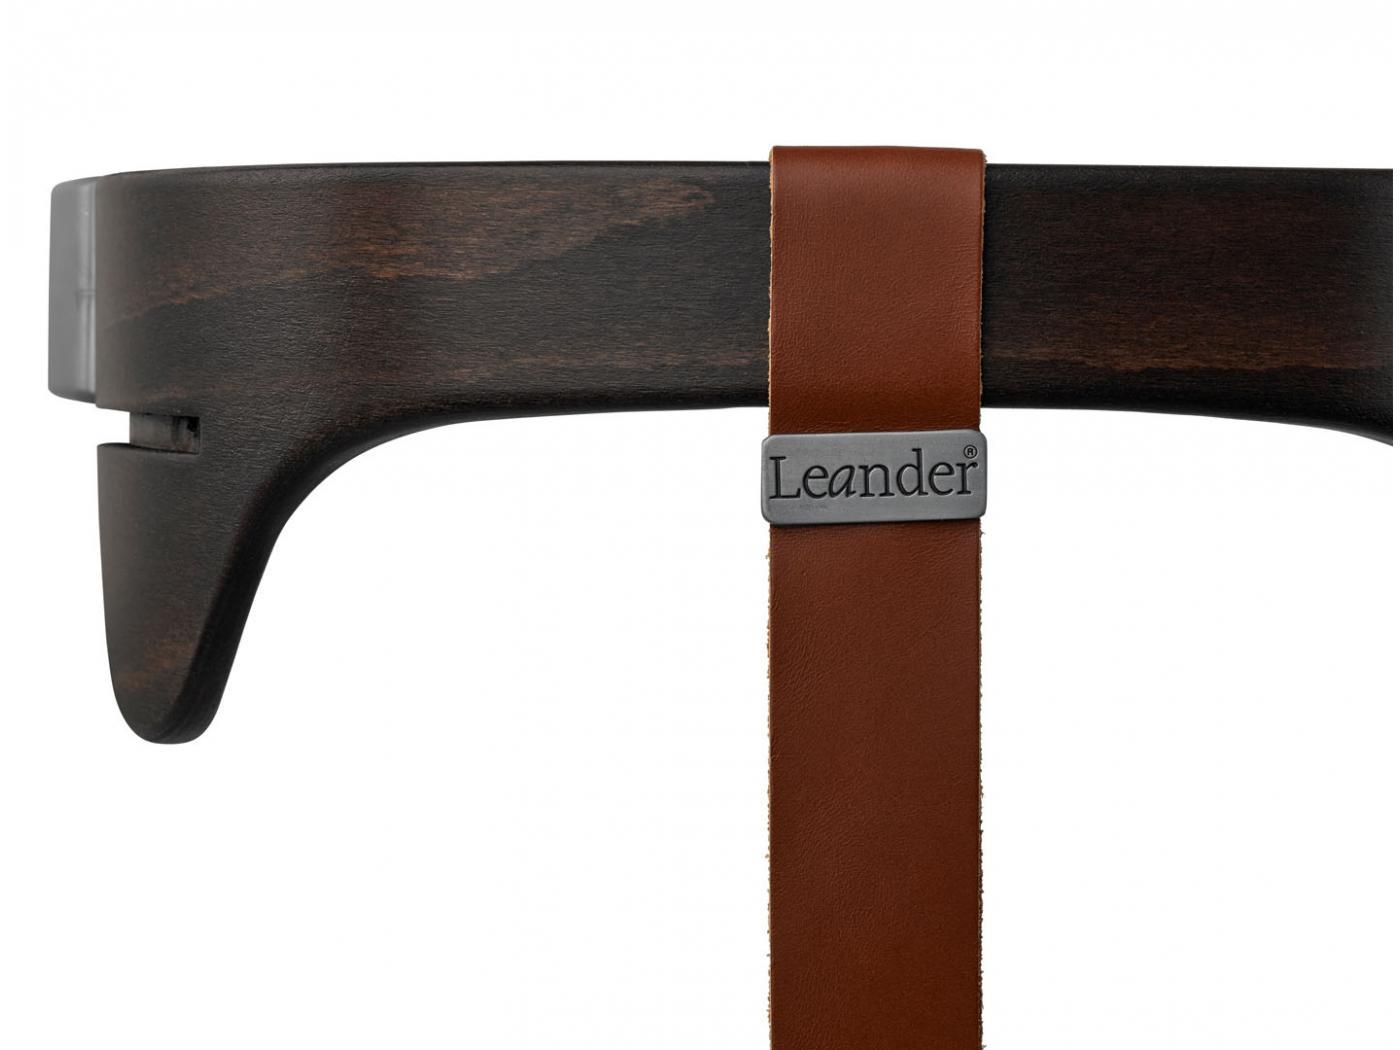 leander arceau de s curit noyer pour chaise haute new. Black Bedroom Furniture Sets. Home Design Ideas